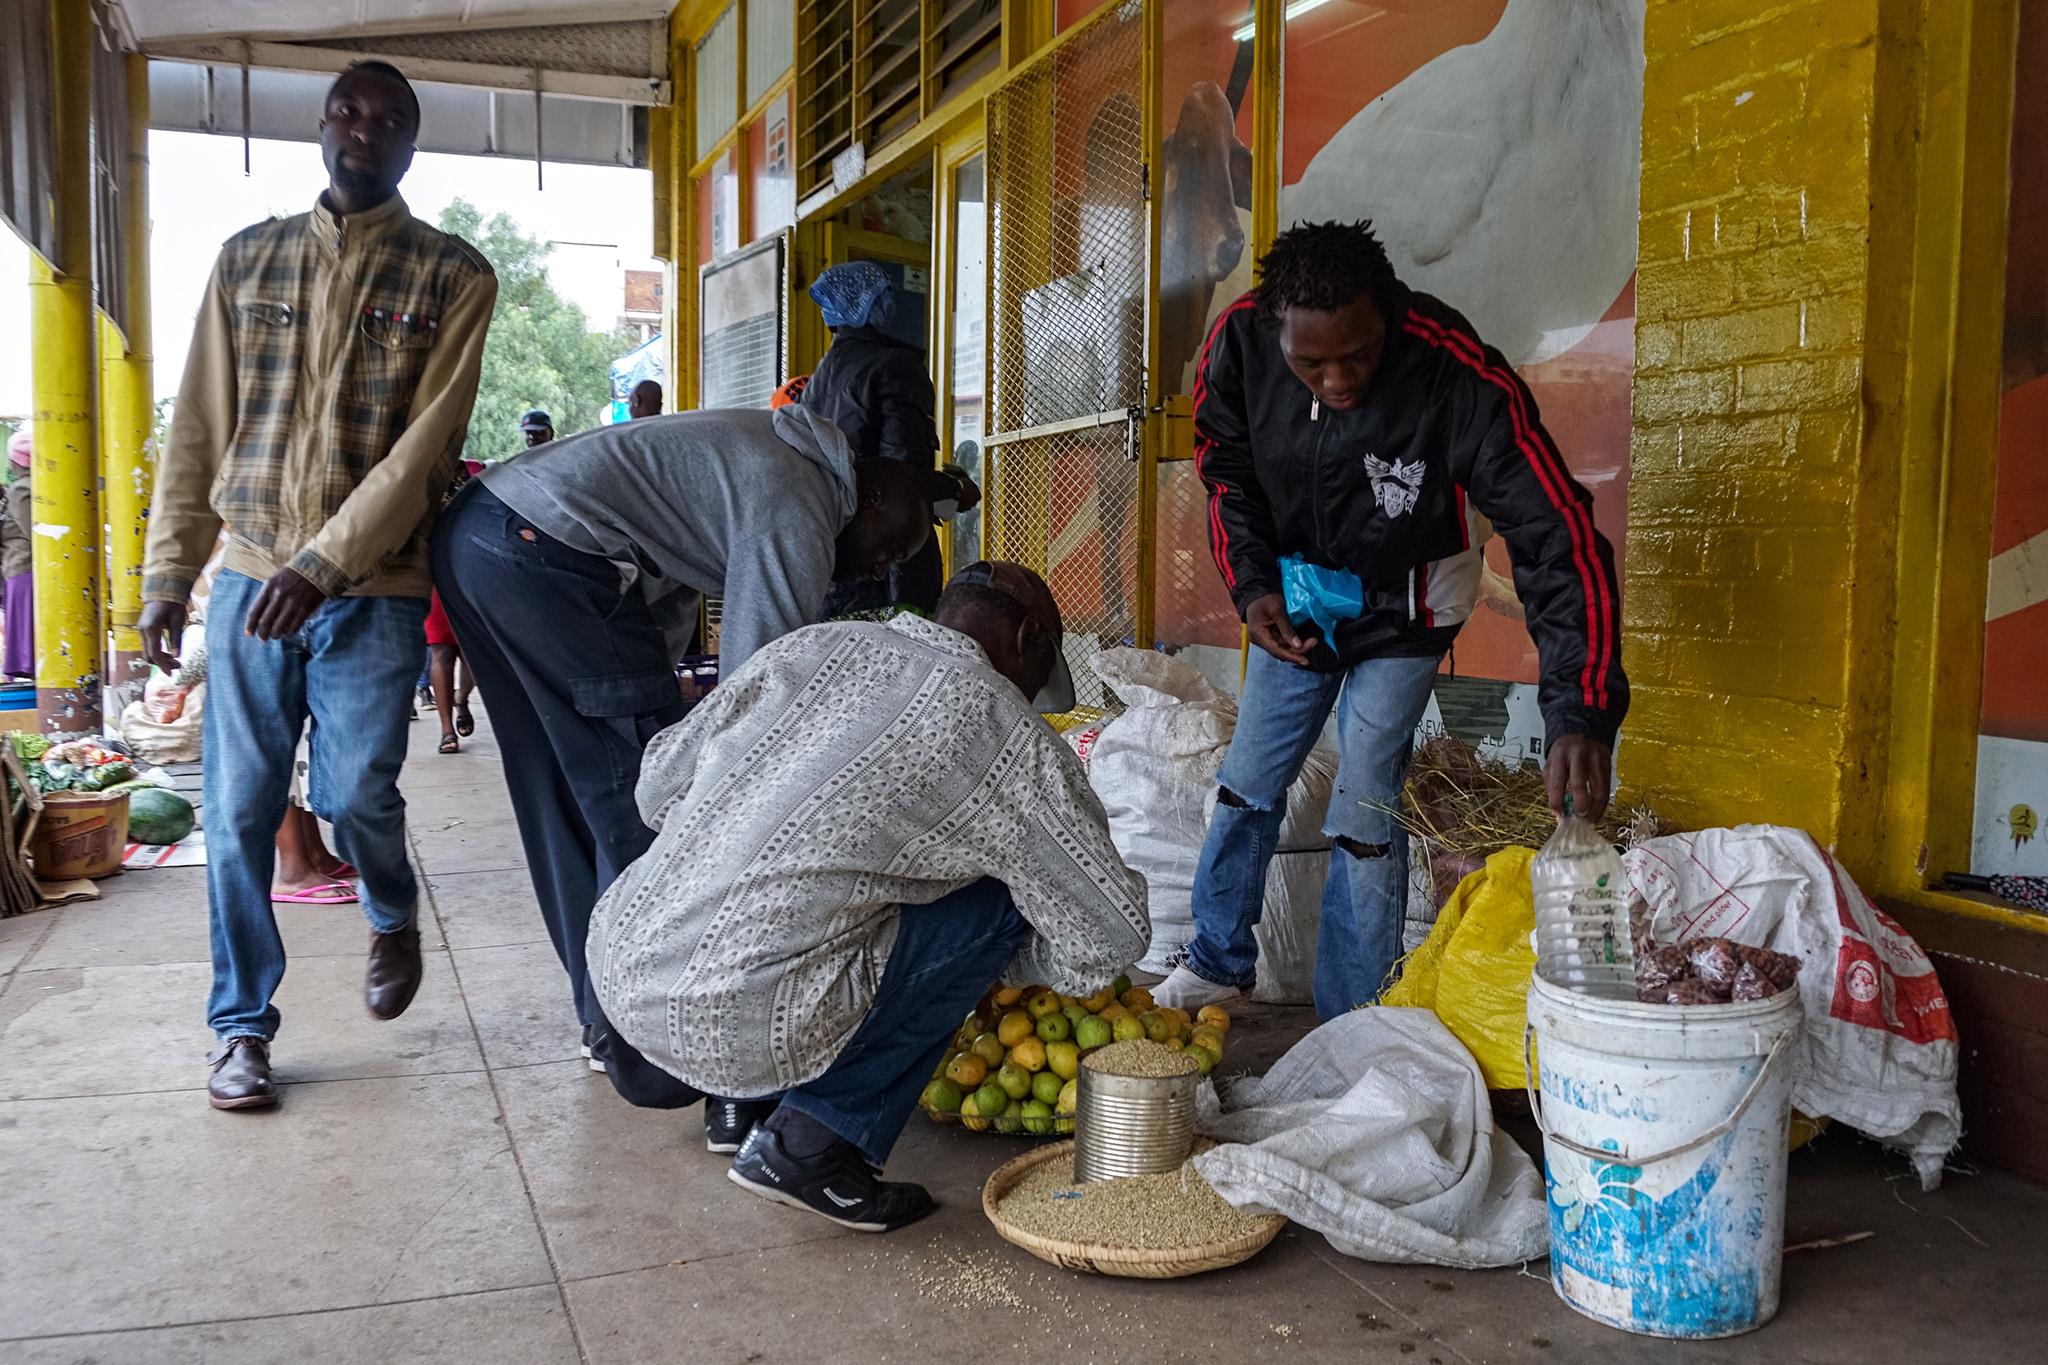 Coronavirus Batters Fragile Livelihoods of Zimbabwe's Informal Laborers